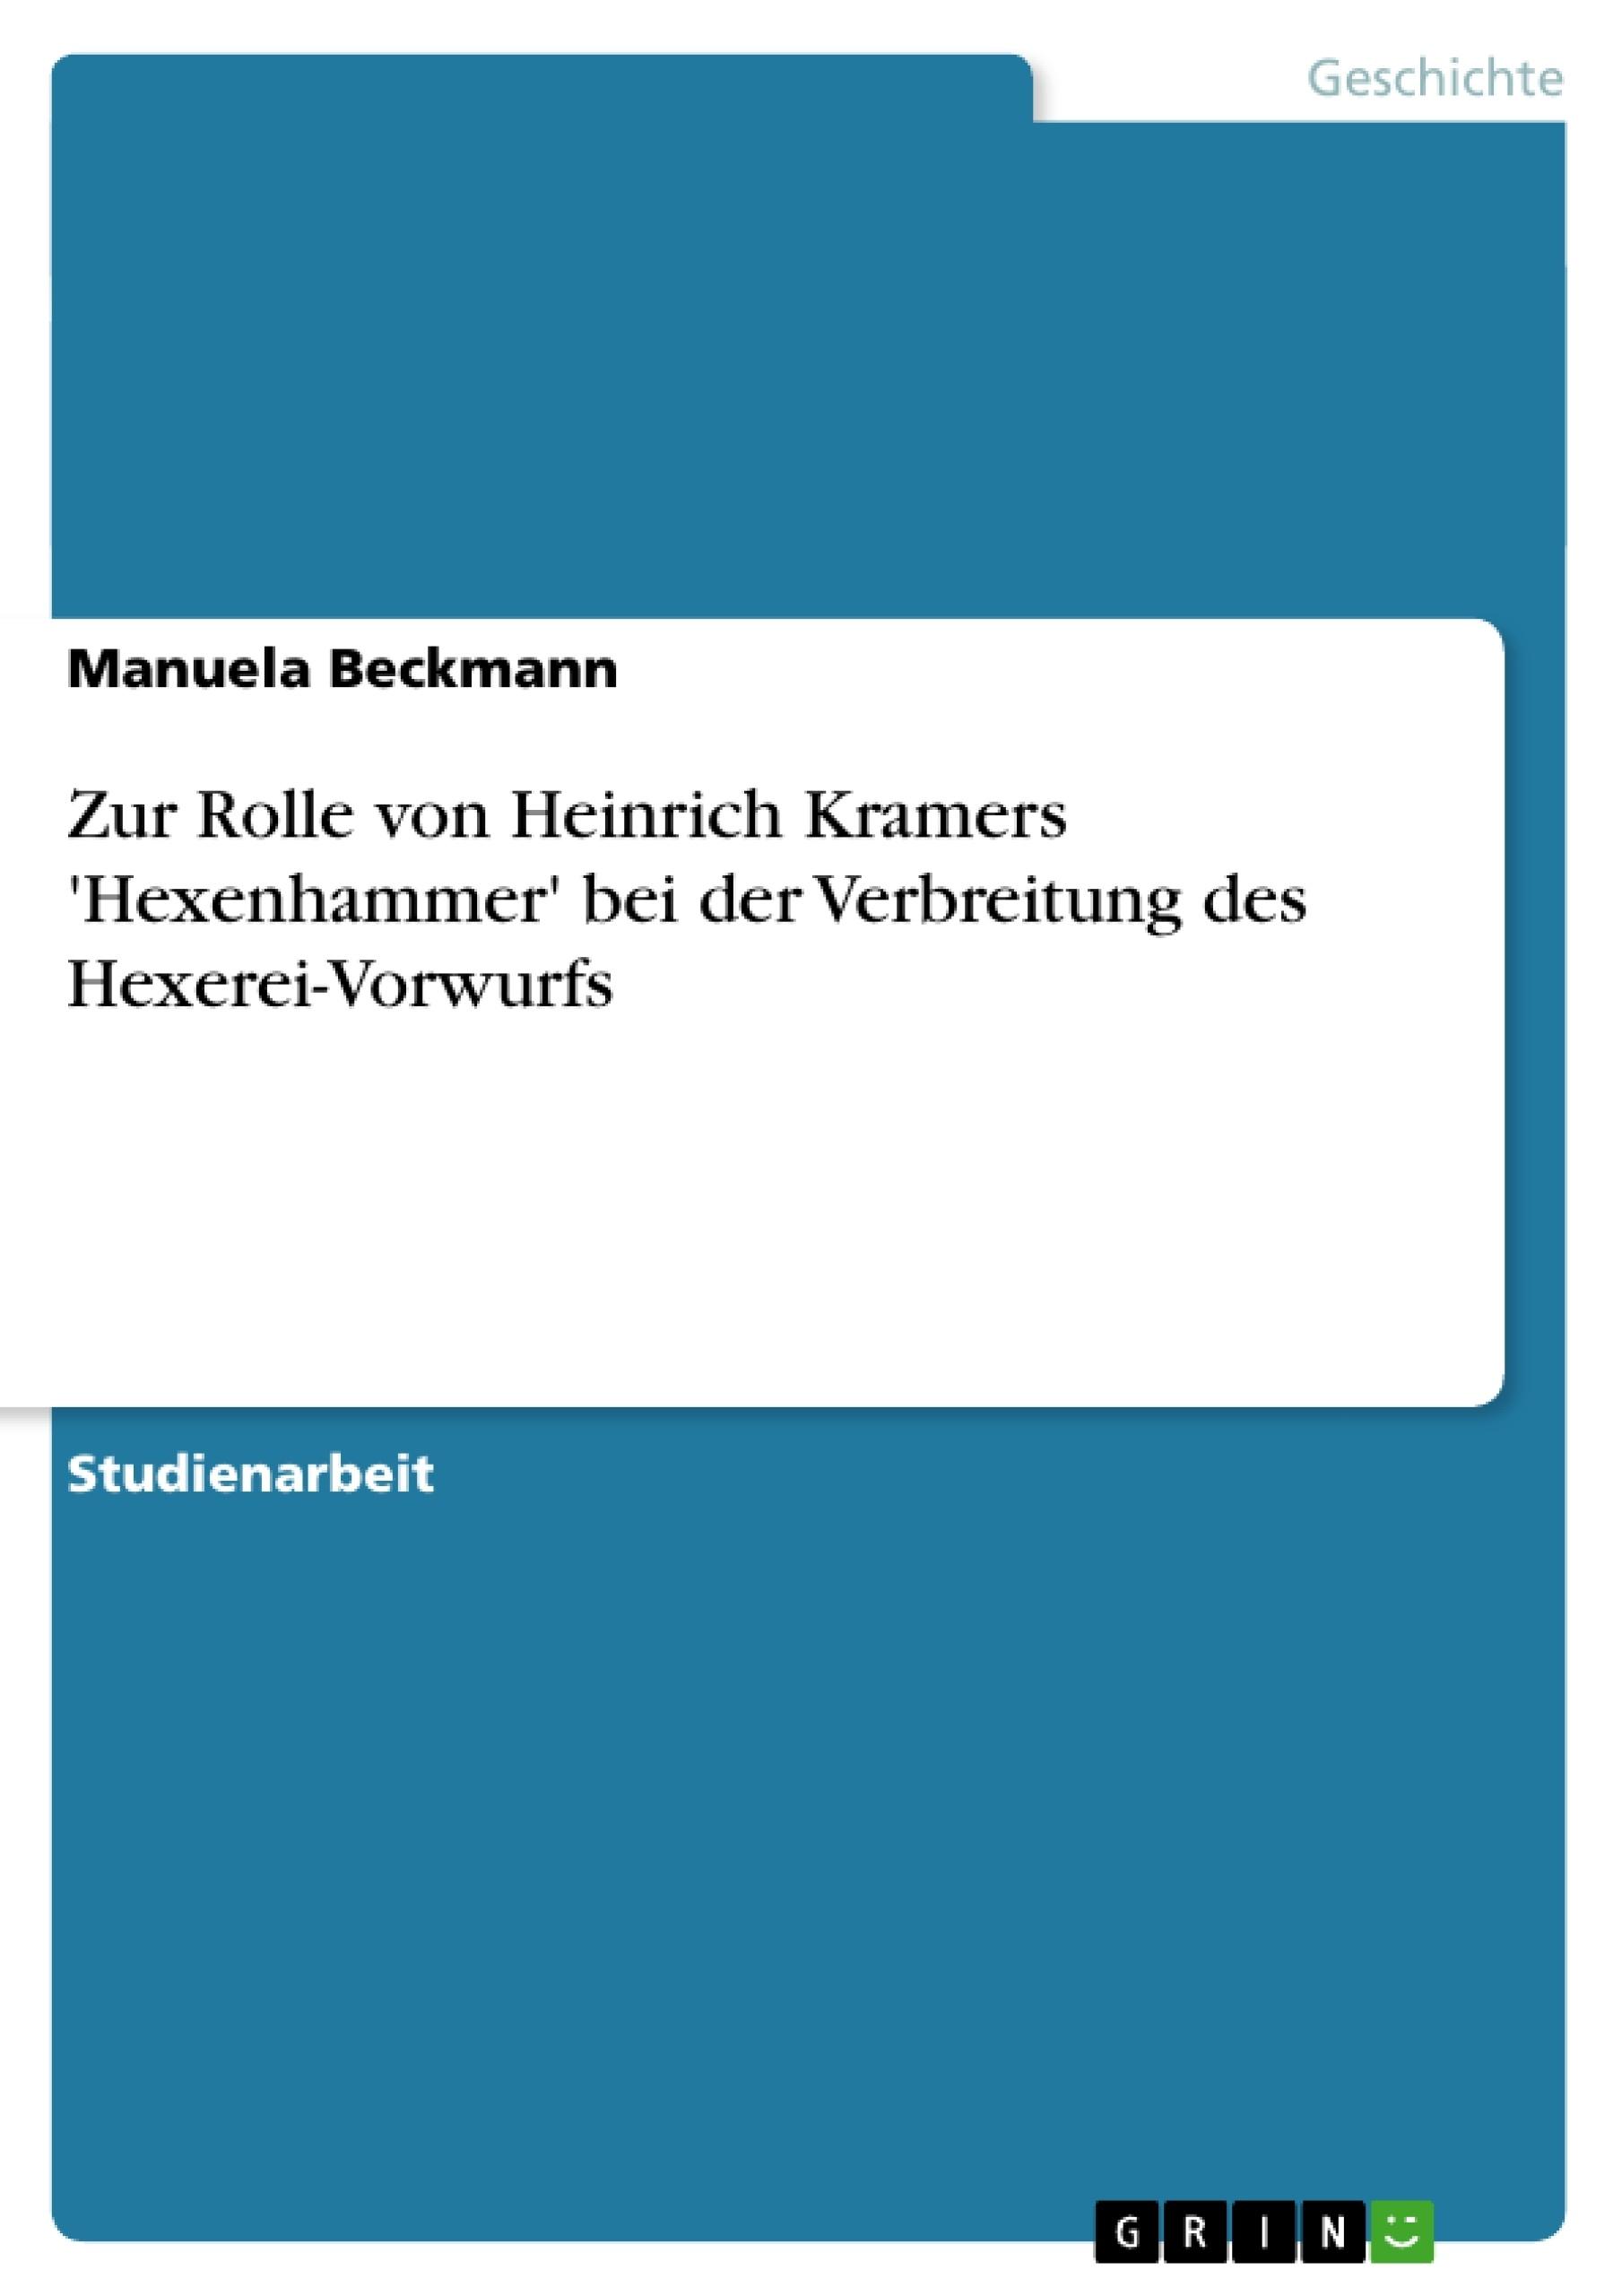 Titel: Zur Rolle von Heinrich Kramers 'Hexenhammer' bei der Verbreitung des Hexerei-Vorwurfs